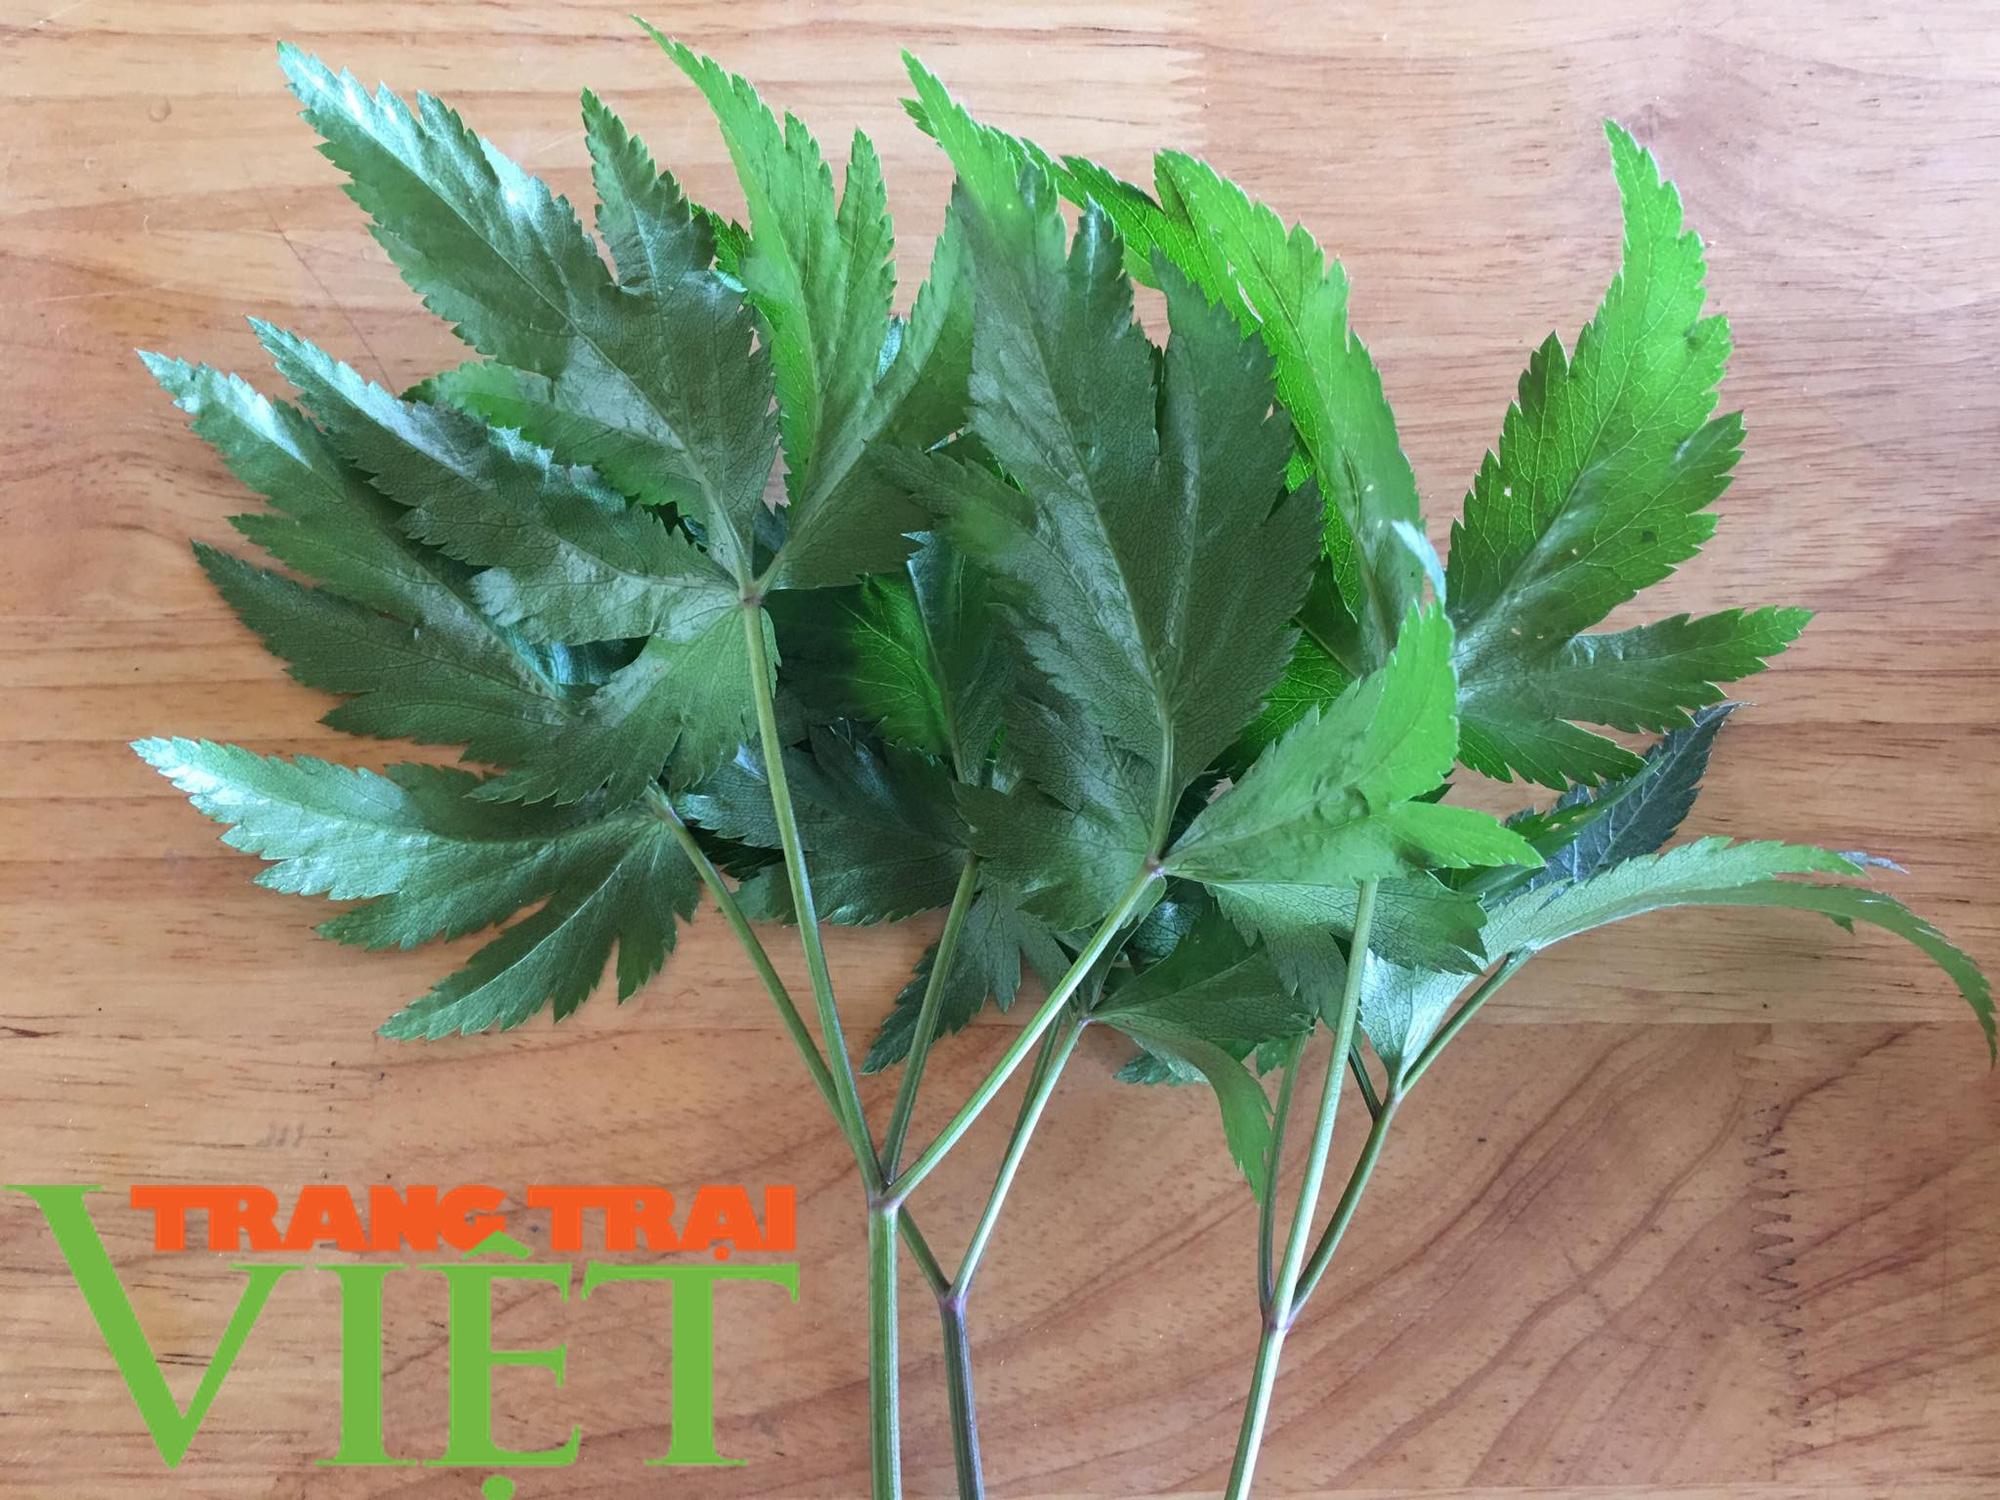 Mận sấy dẻo thảo dược, món quà vùng thảo nguyên xanh - Ảnh 6.